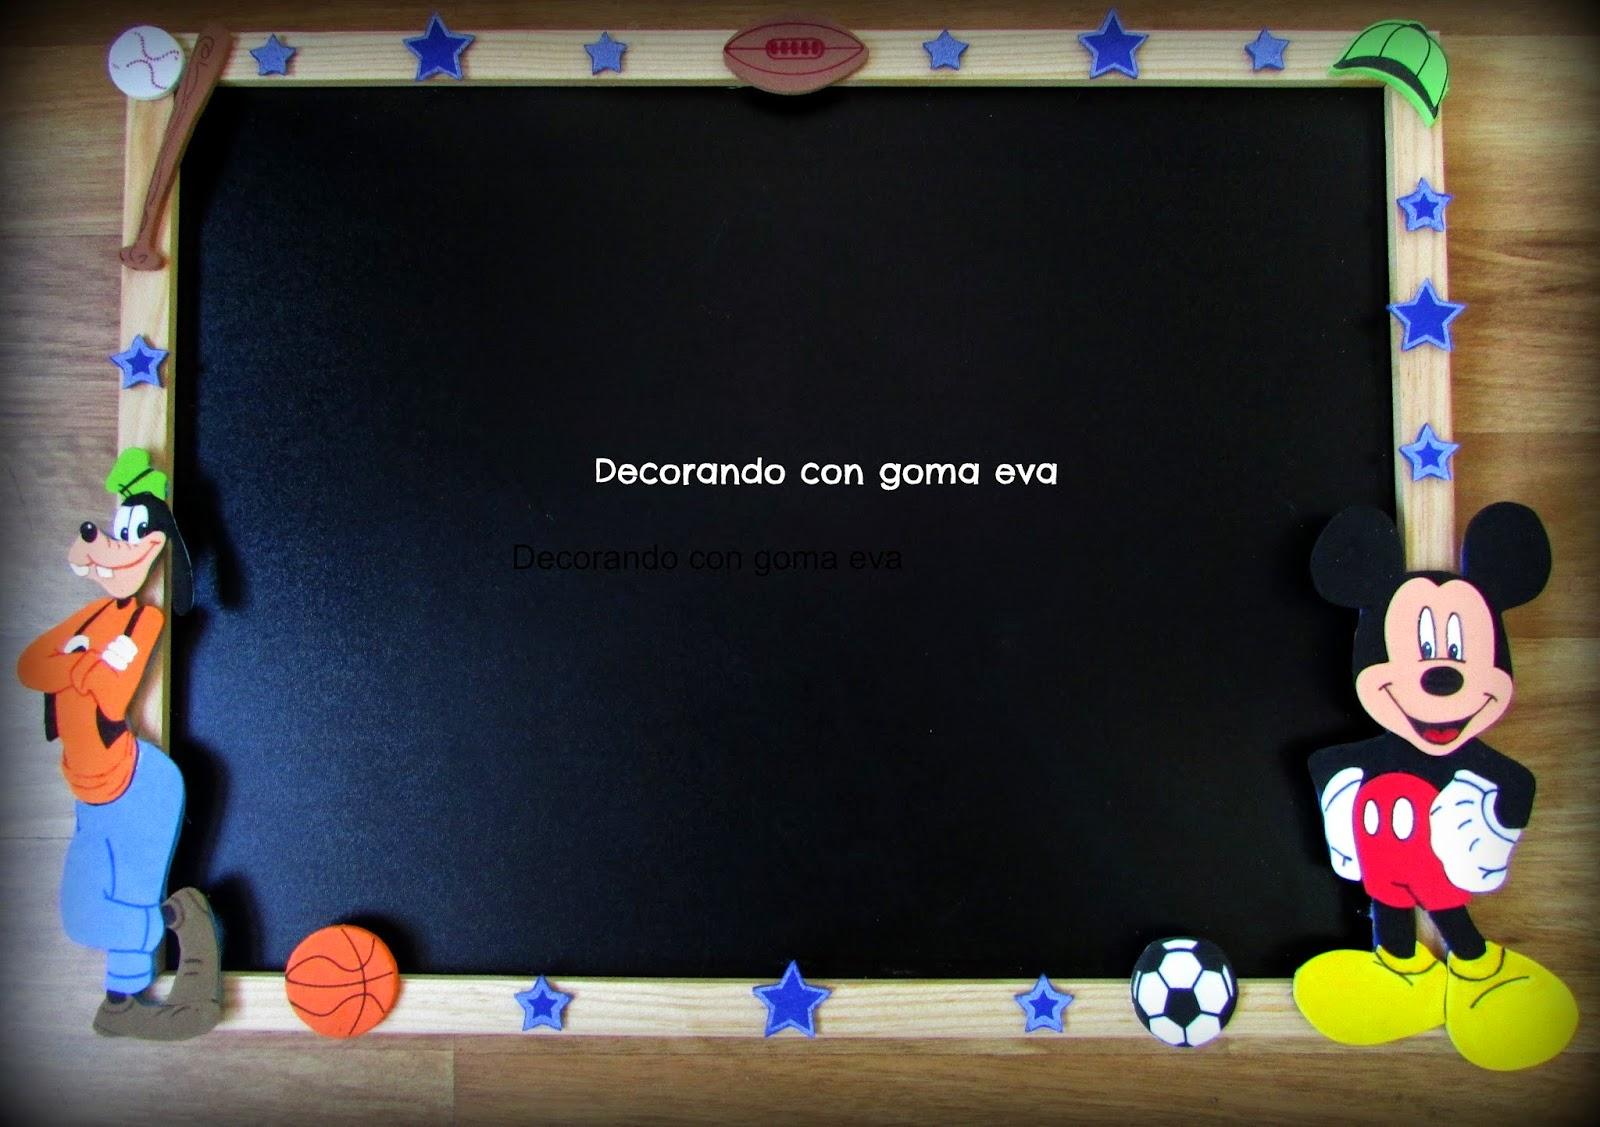 Pizarra 3 aprender manualidades es - Pizarras para decorar ...